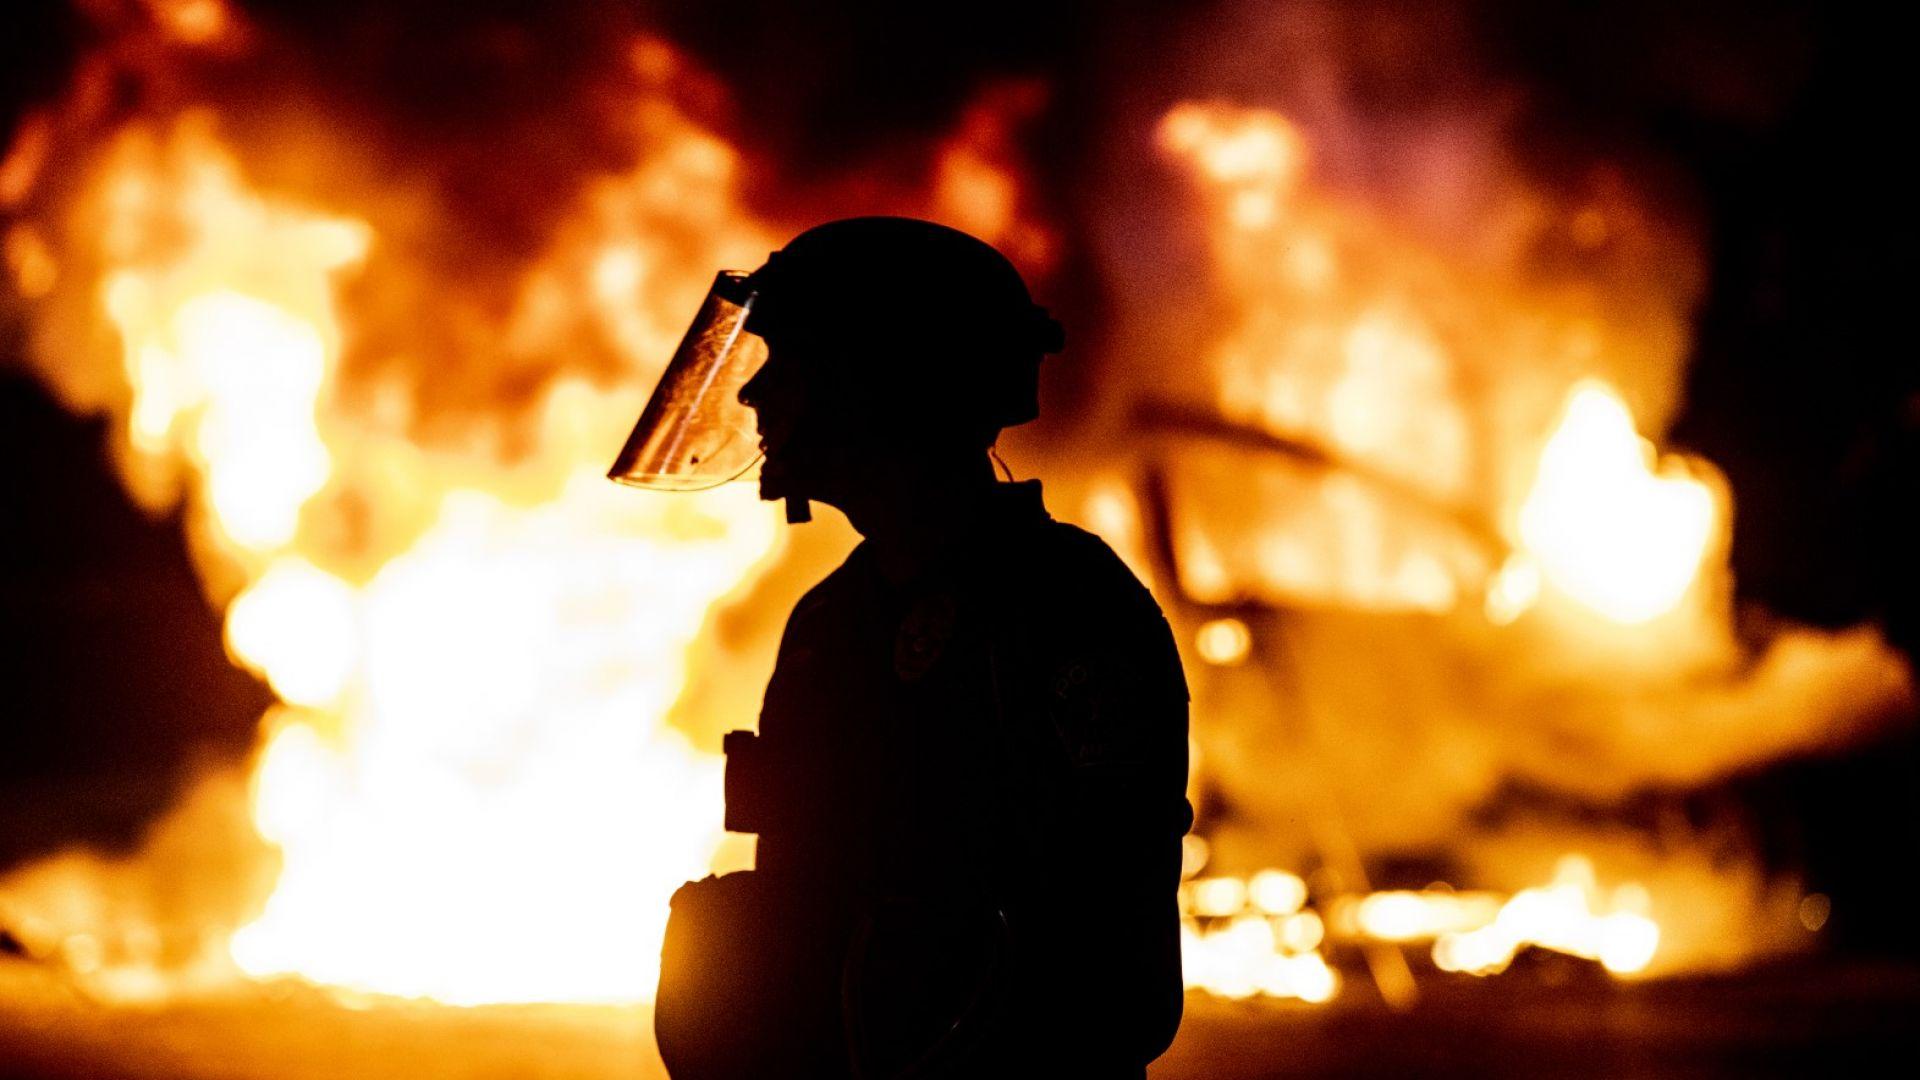 Сблъсъци, хаос и насилие от Ню Йорк до Маями при нови протести (видео и снимки)